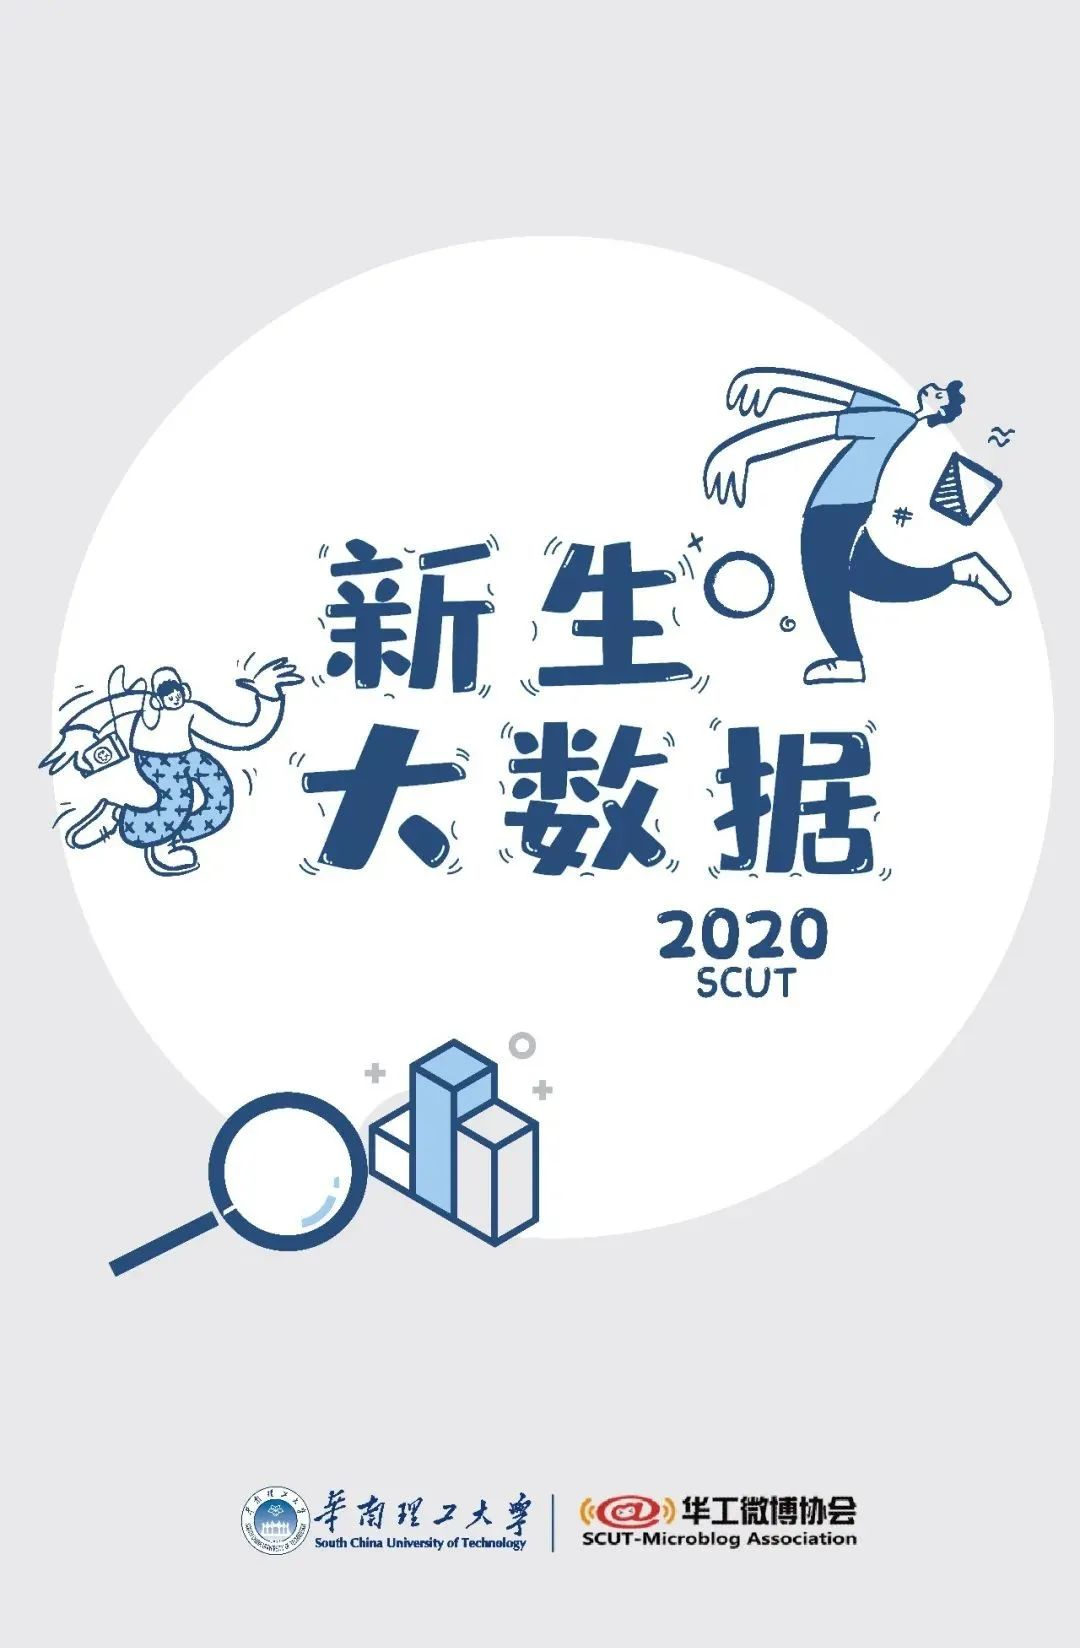 华南理工2020级本科新生大数据来了!最小萌新14岁,男女比例......图片